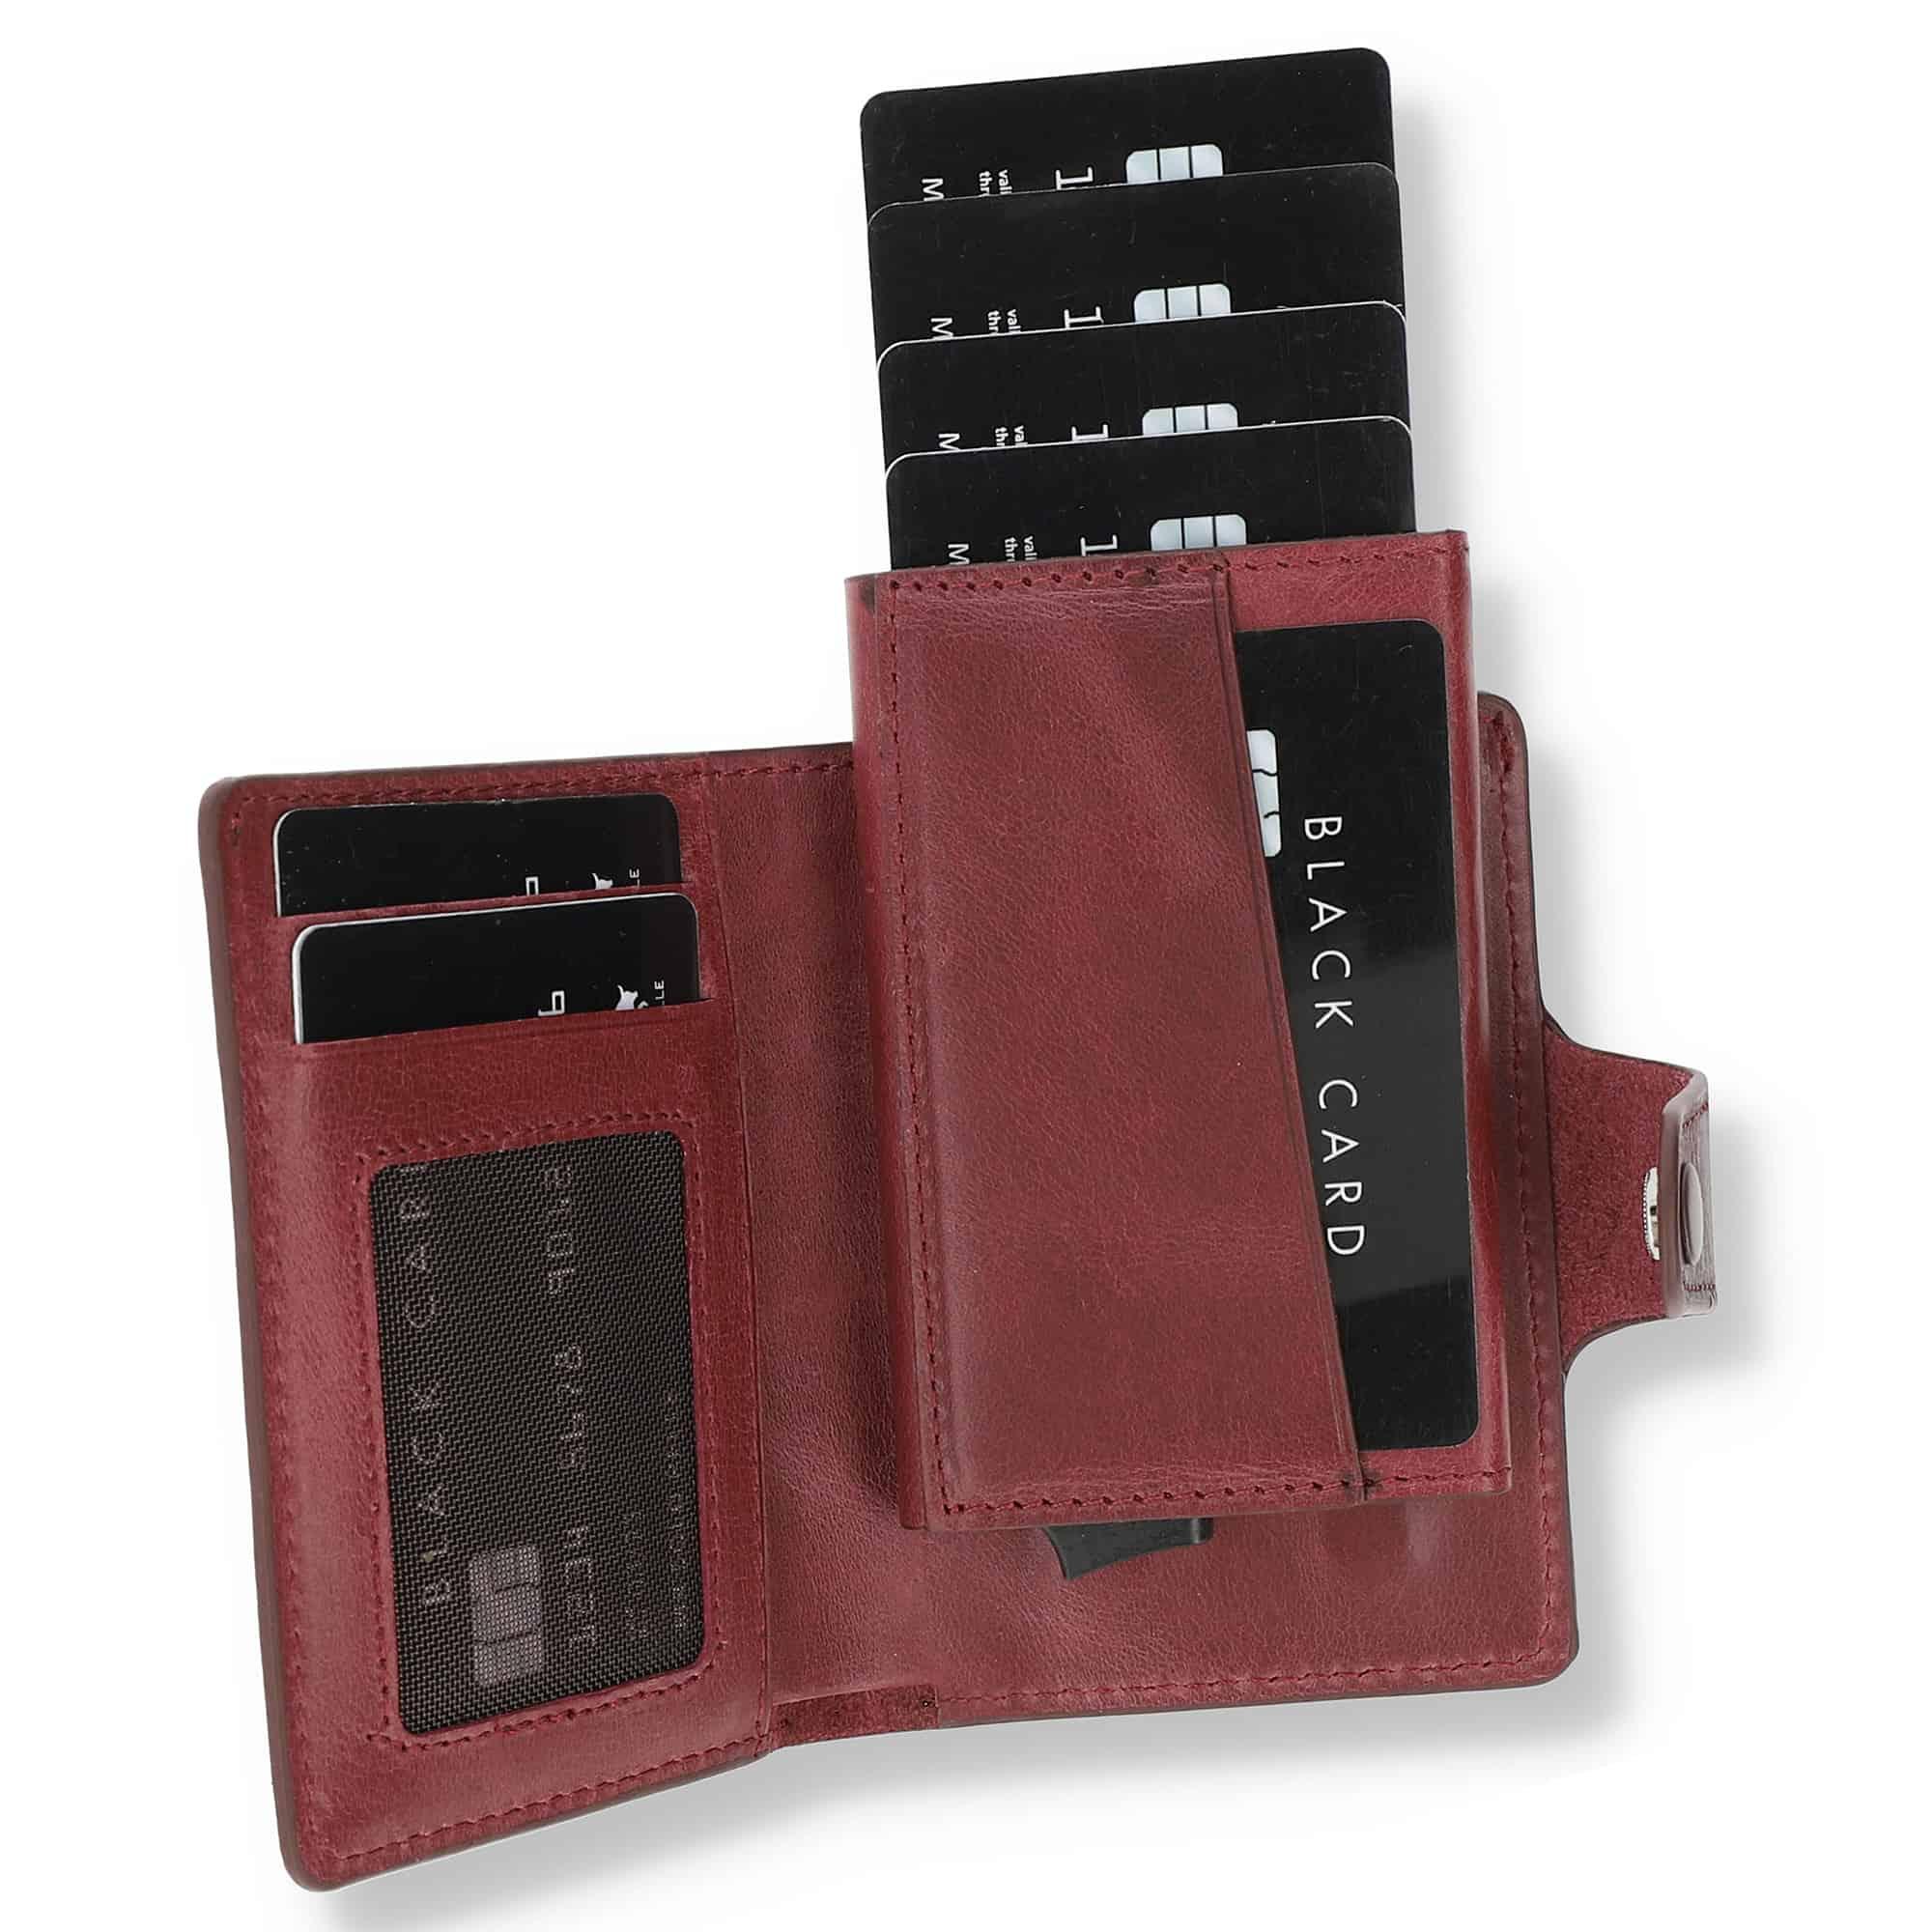 Solo Pelle Leder Geldbörse Q-Wallet mit integriertem Kartenetui für 15 Karten + Geldscheine geeignet | Kreditkartenetui mit RFID (Weinrot + abnehmbares Kartenetui)